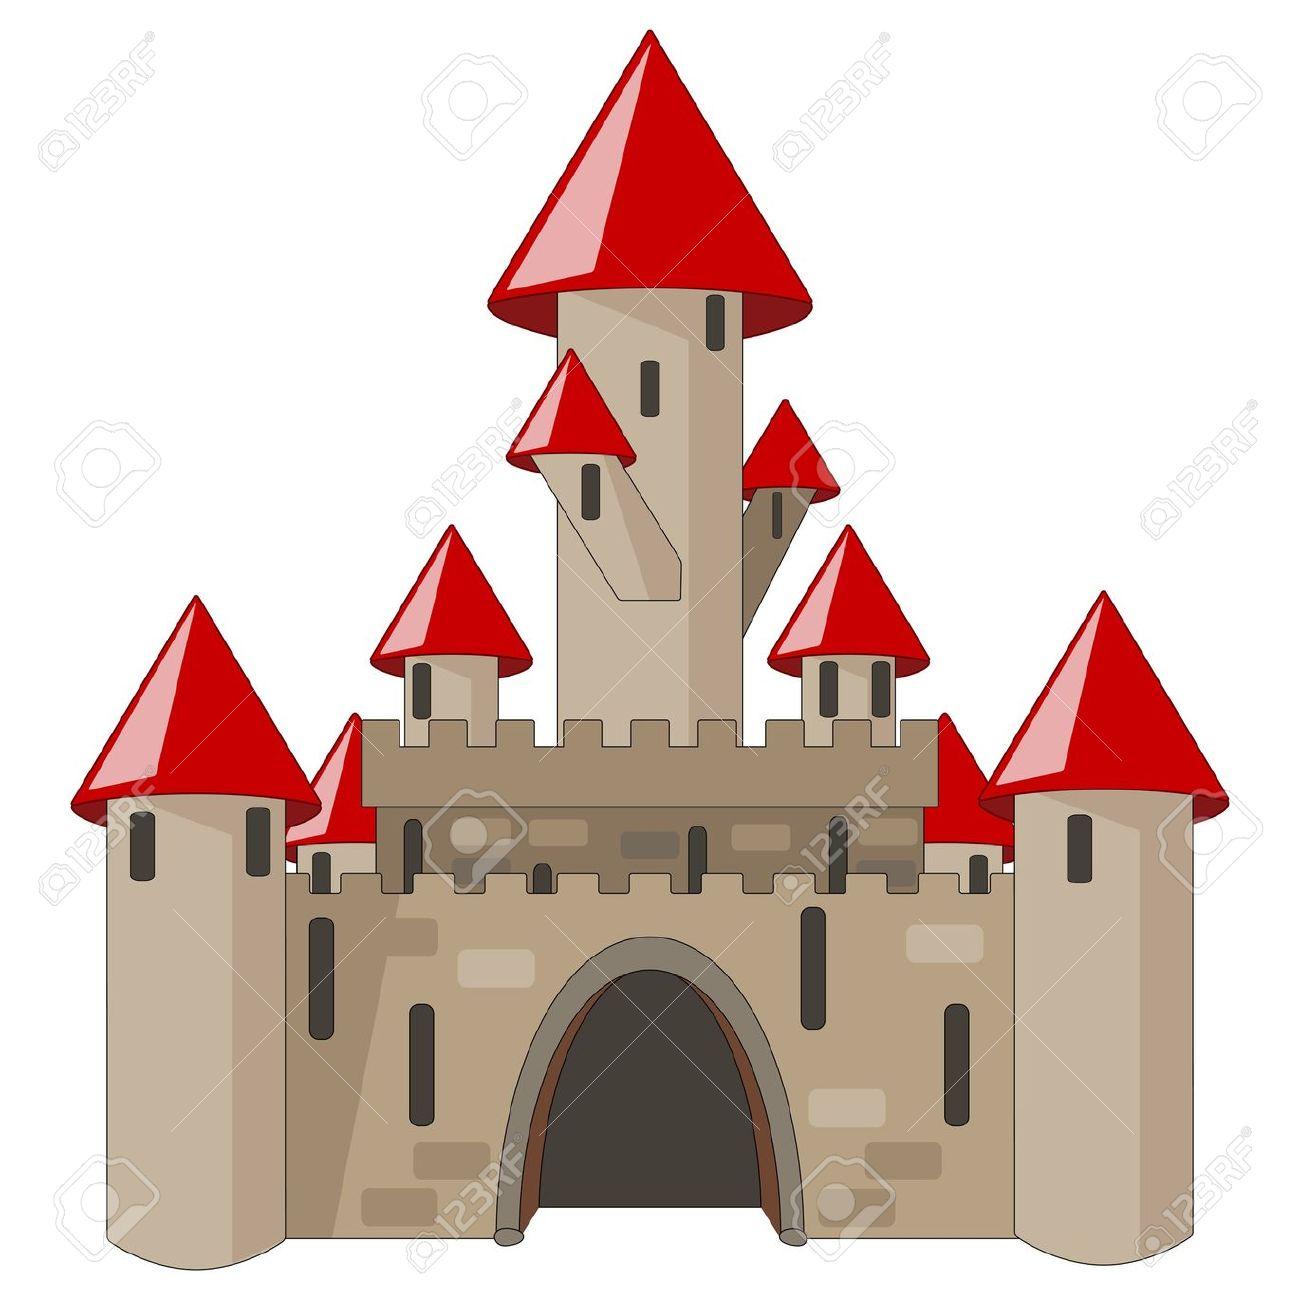 Castello Medievale Di Cartone Animato Isolata On White Clipart.